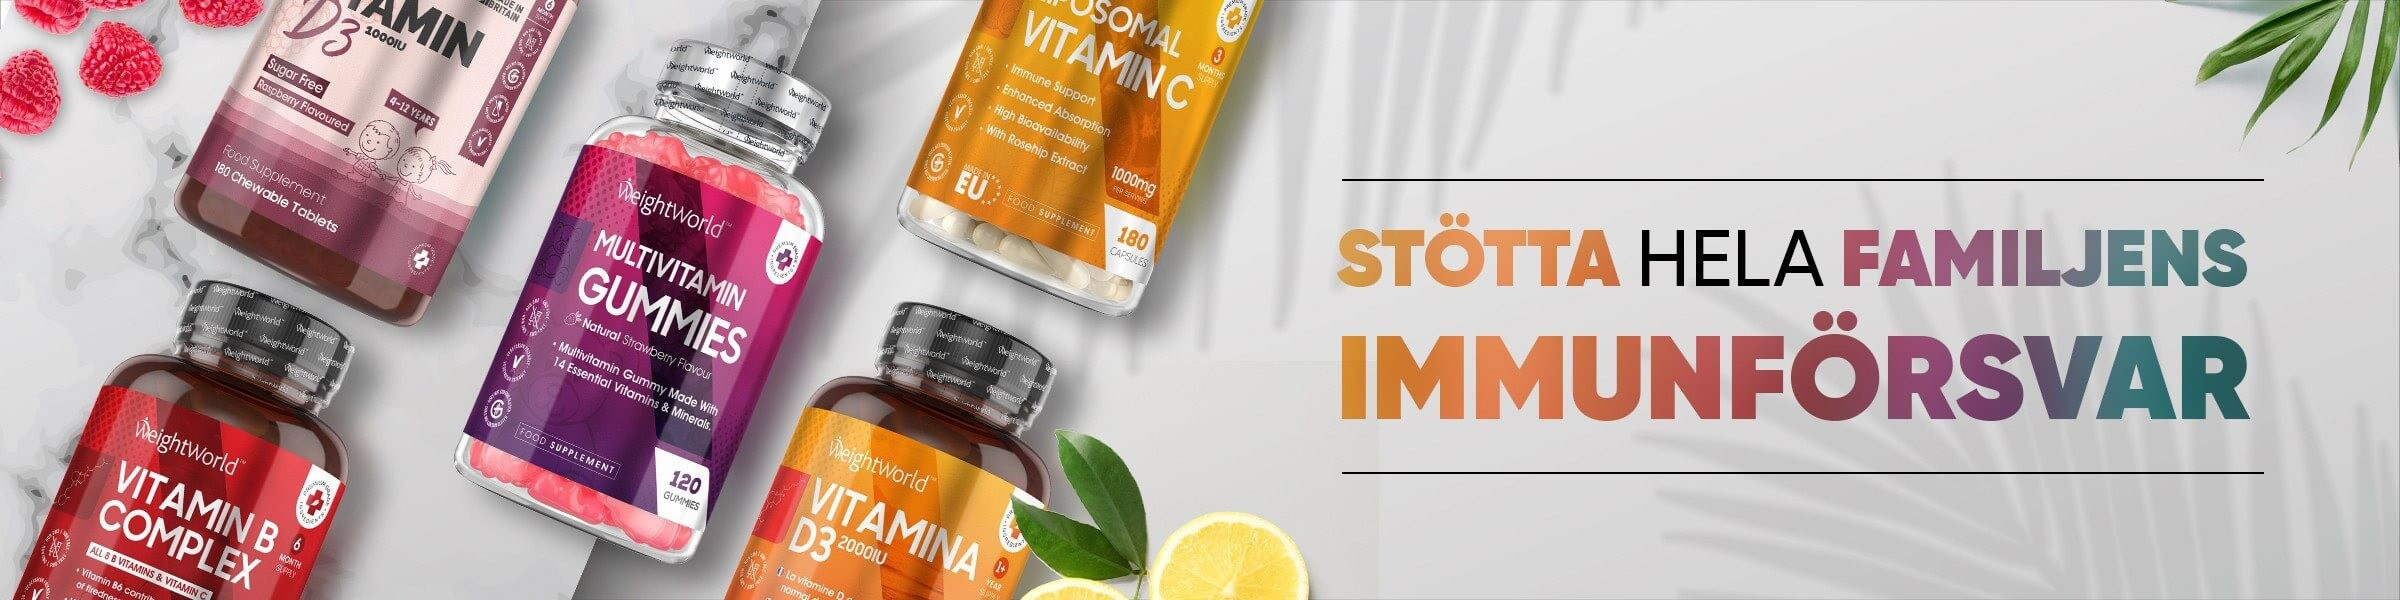 wwse-immune-system-banner